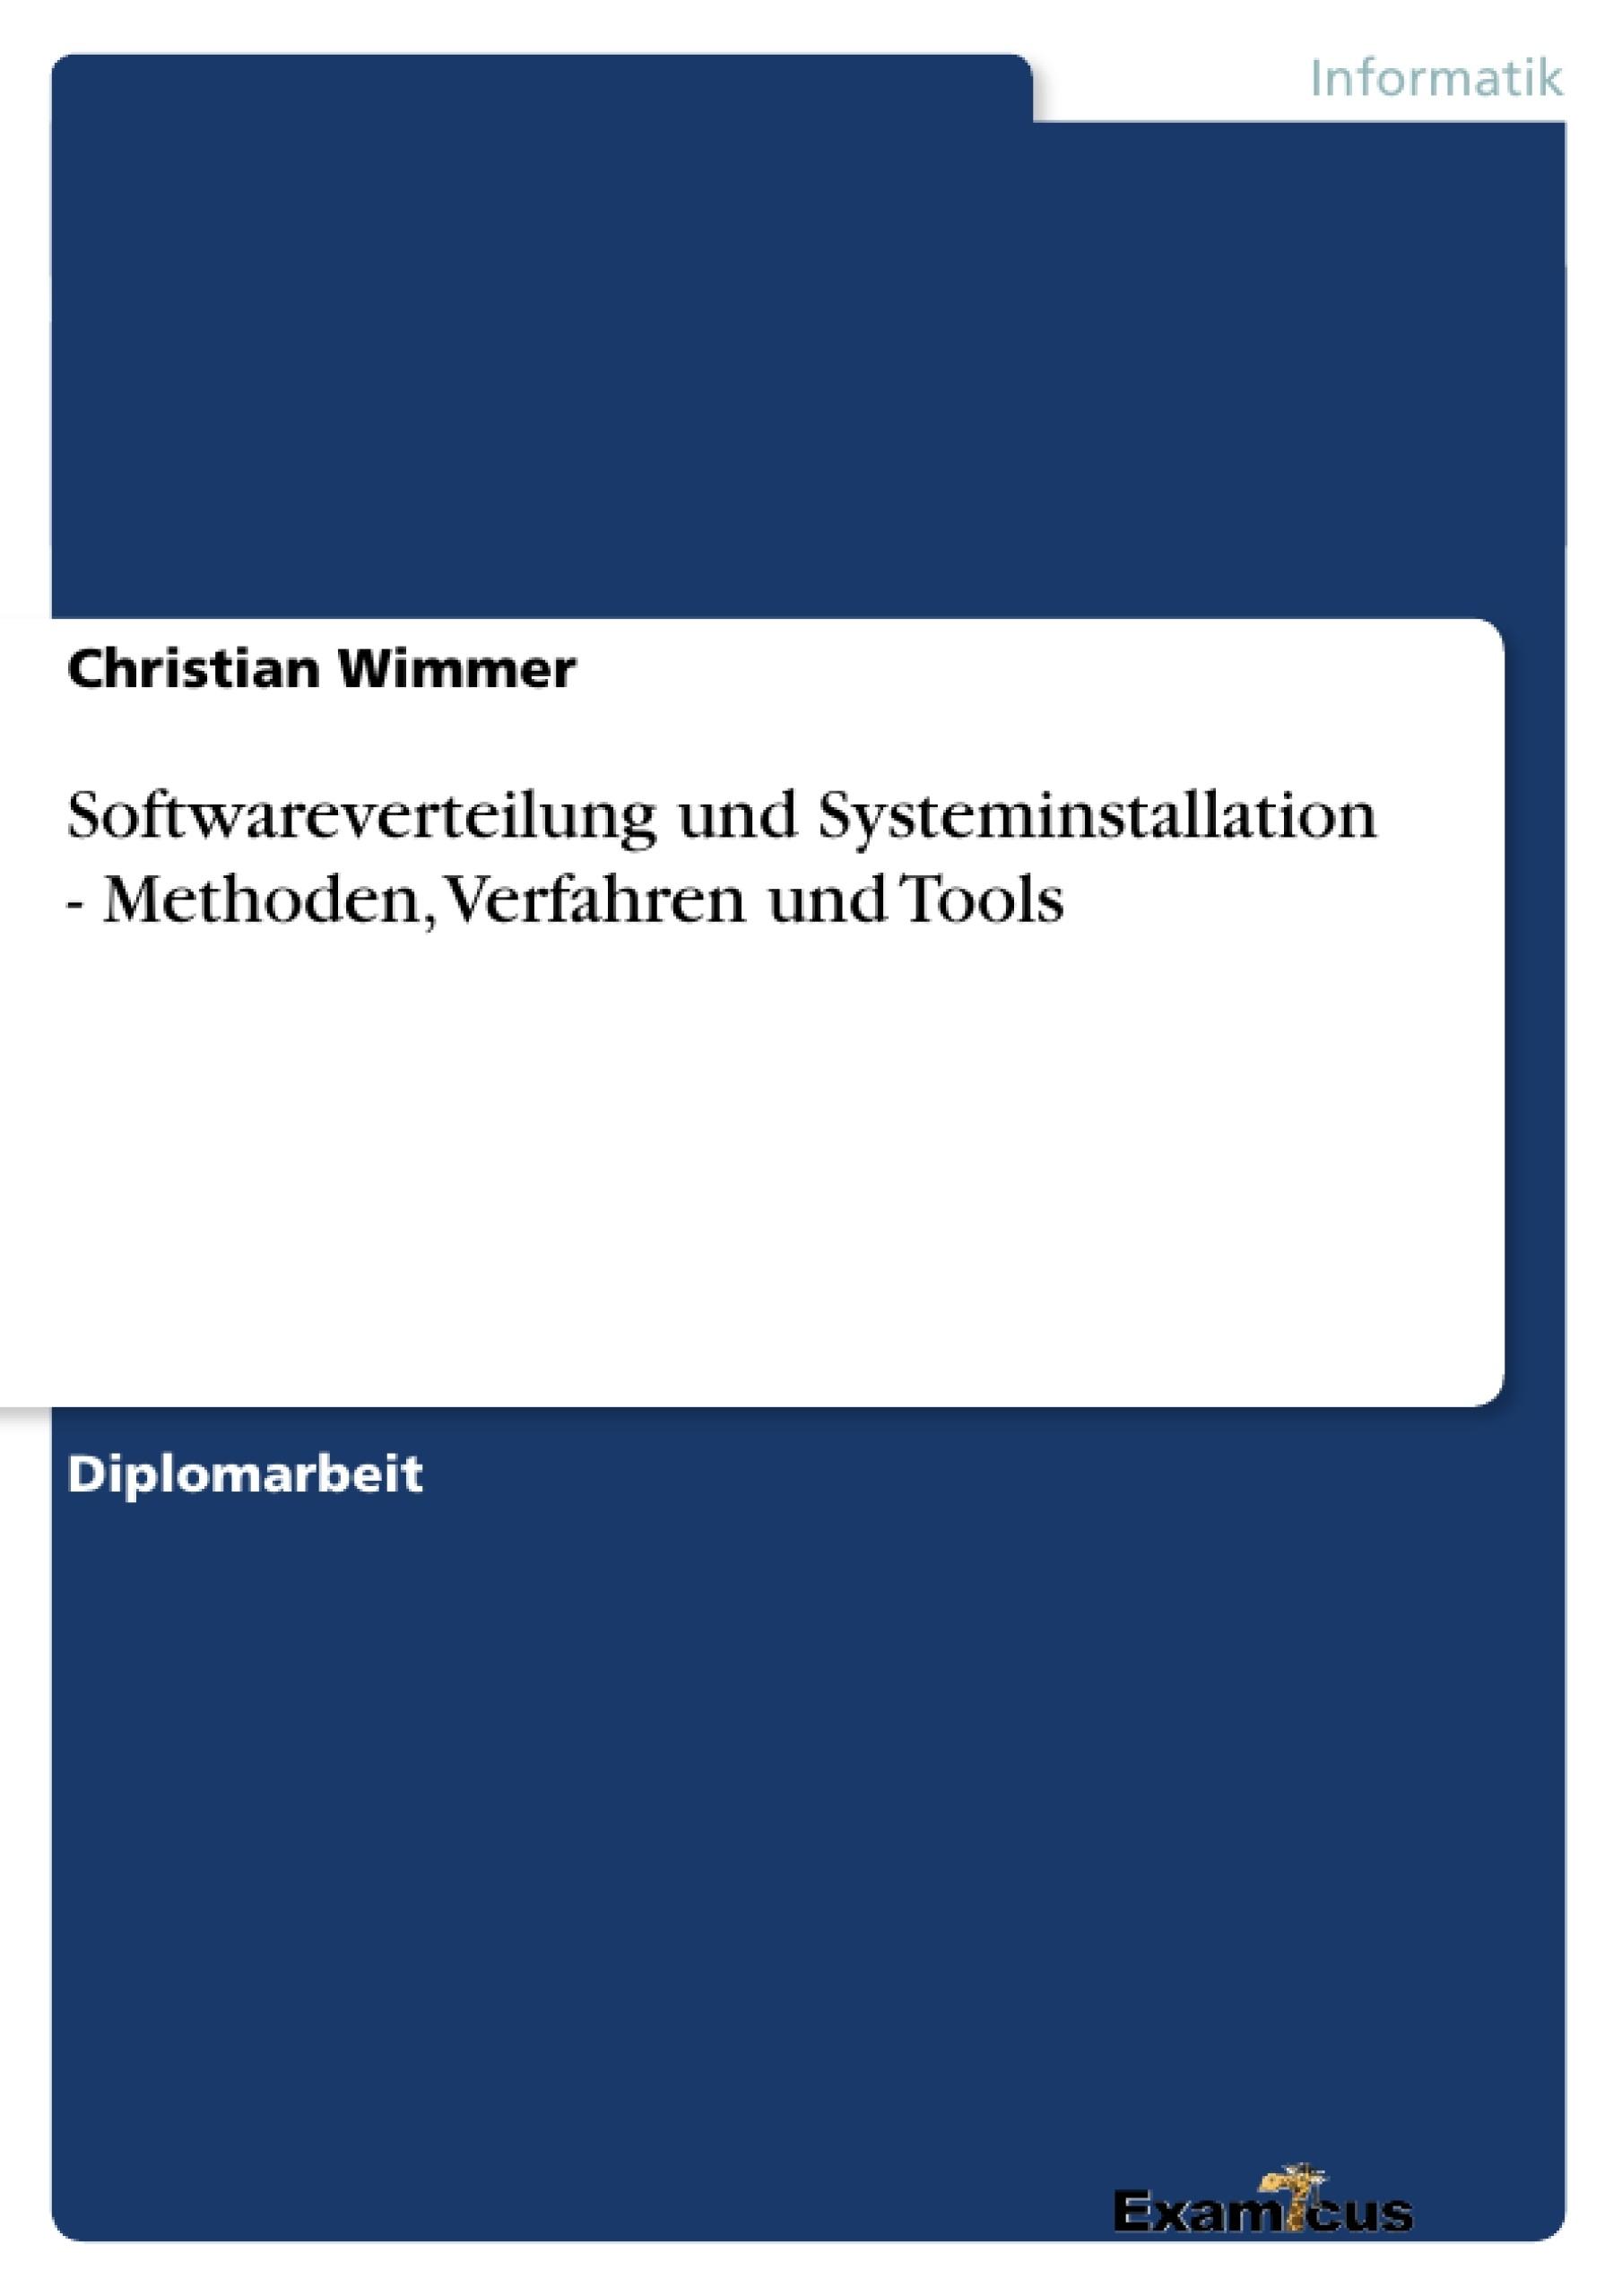 Titel: Softwareverteilung und Systeminstallation - Methoden, Verfahren und Tools